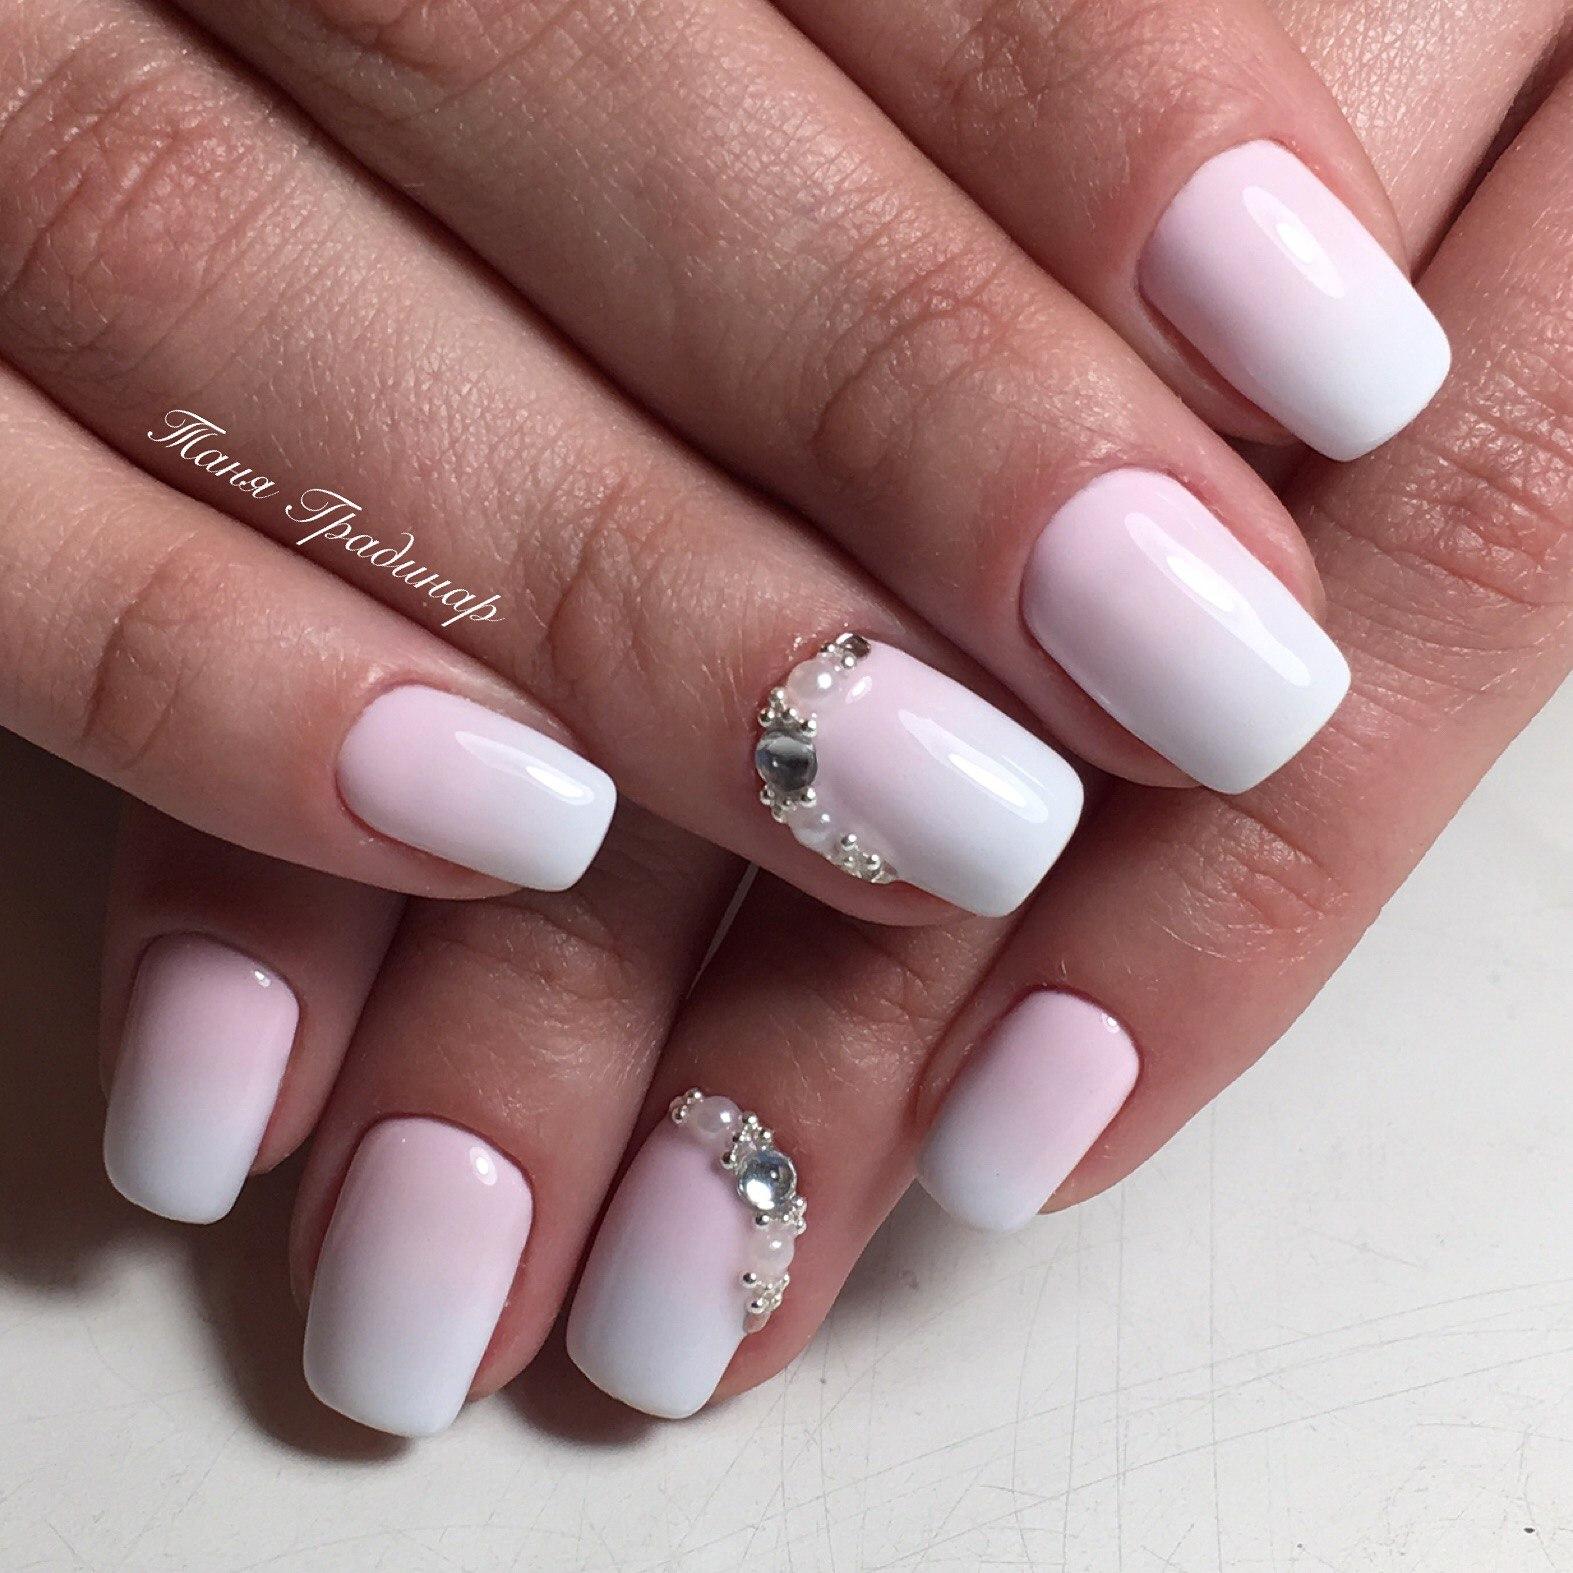 Дизайн ногтей в пастельных тонах со стразами